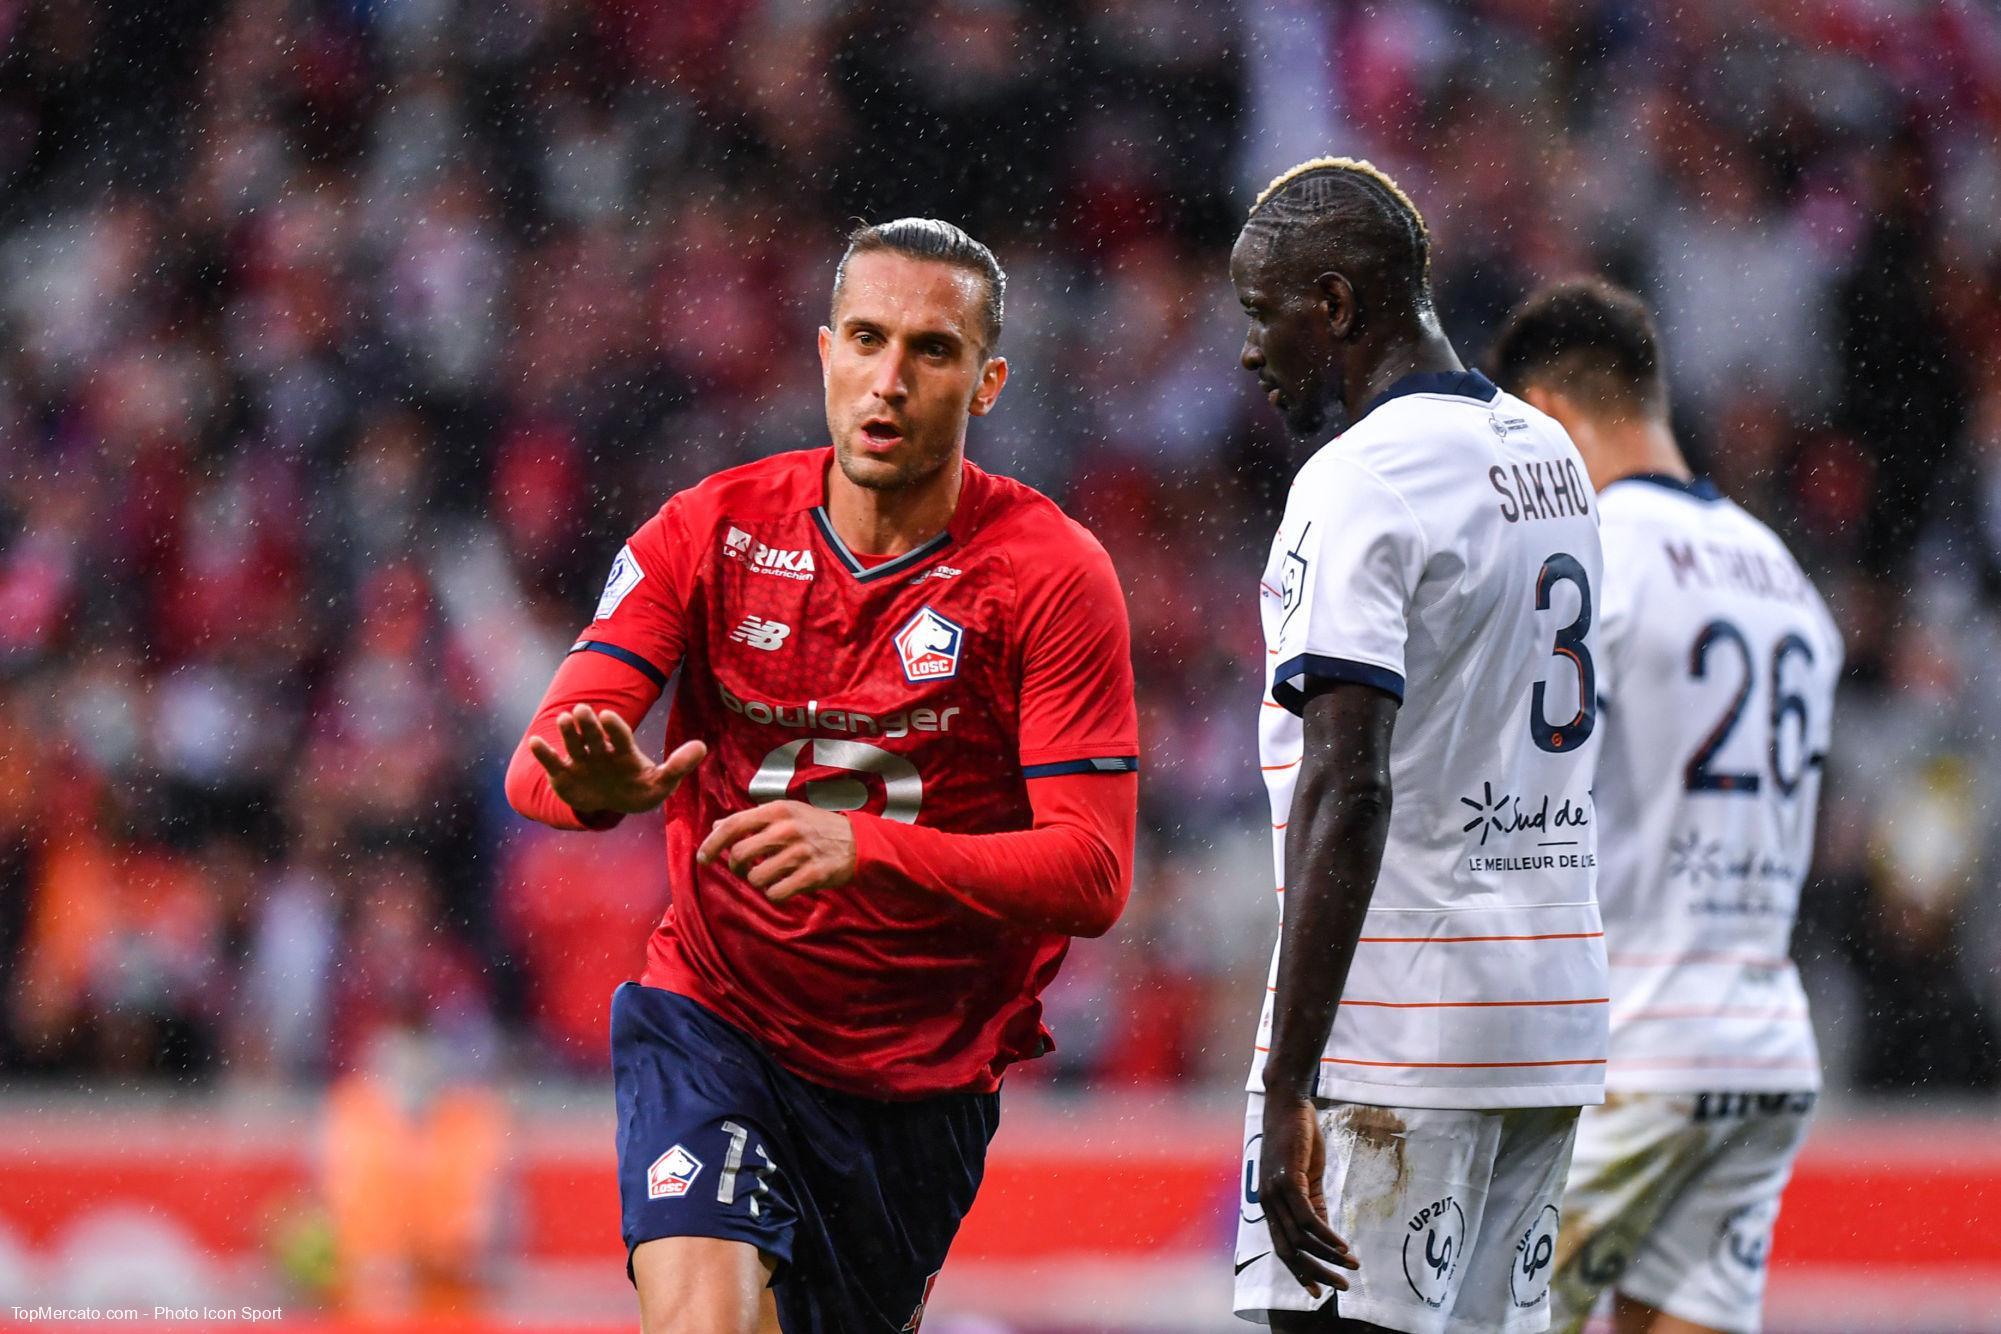 Lille - Reims : compos probables, chaîne et heure du match